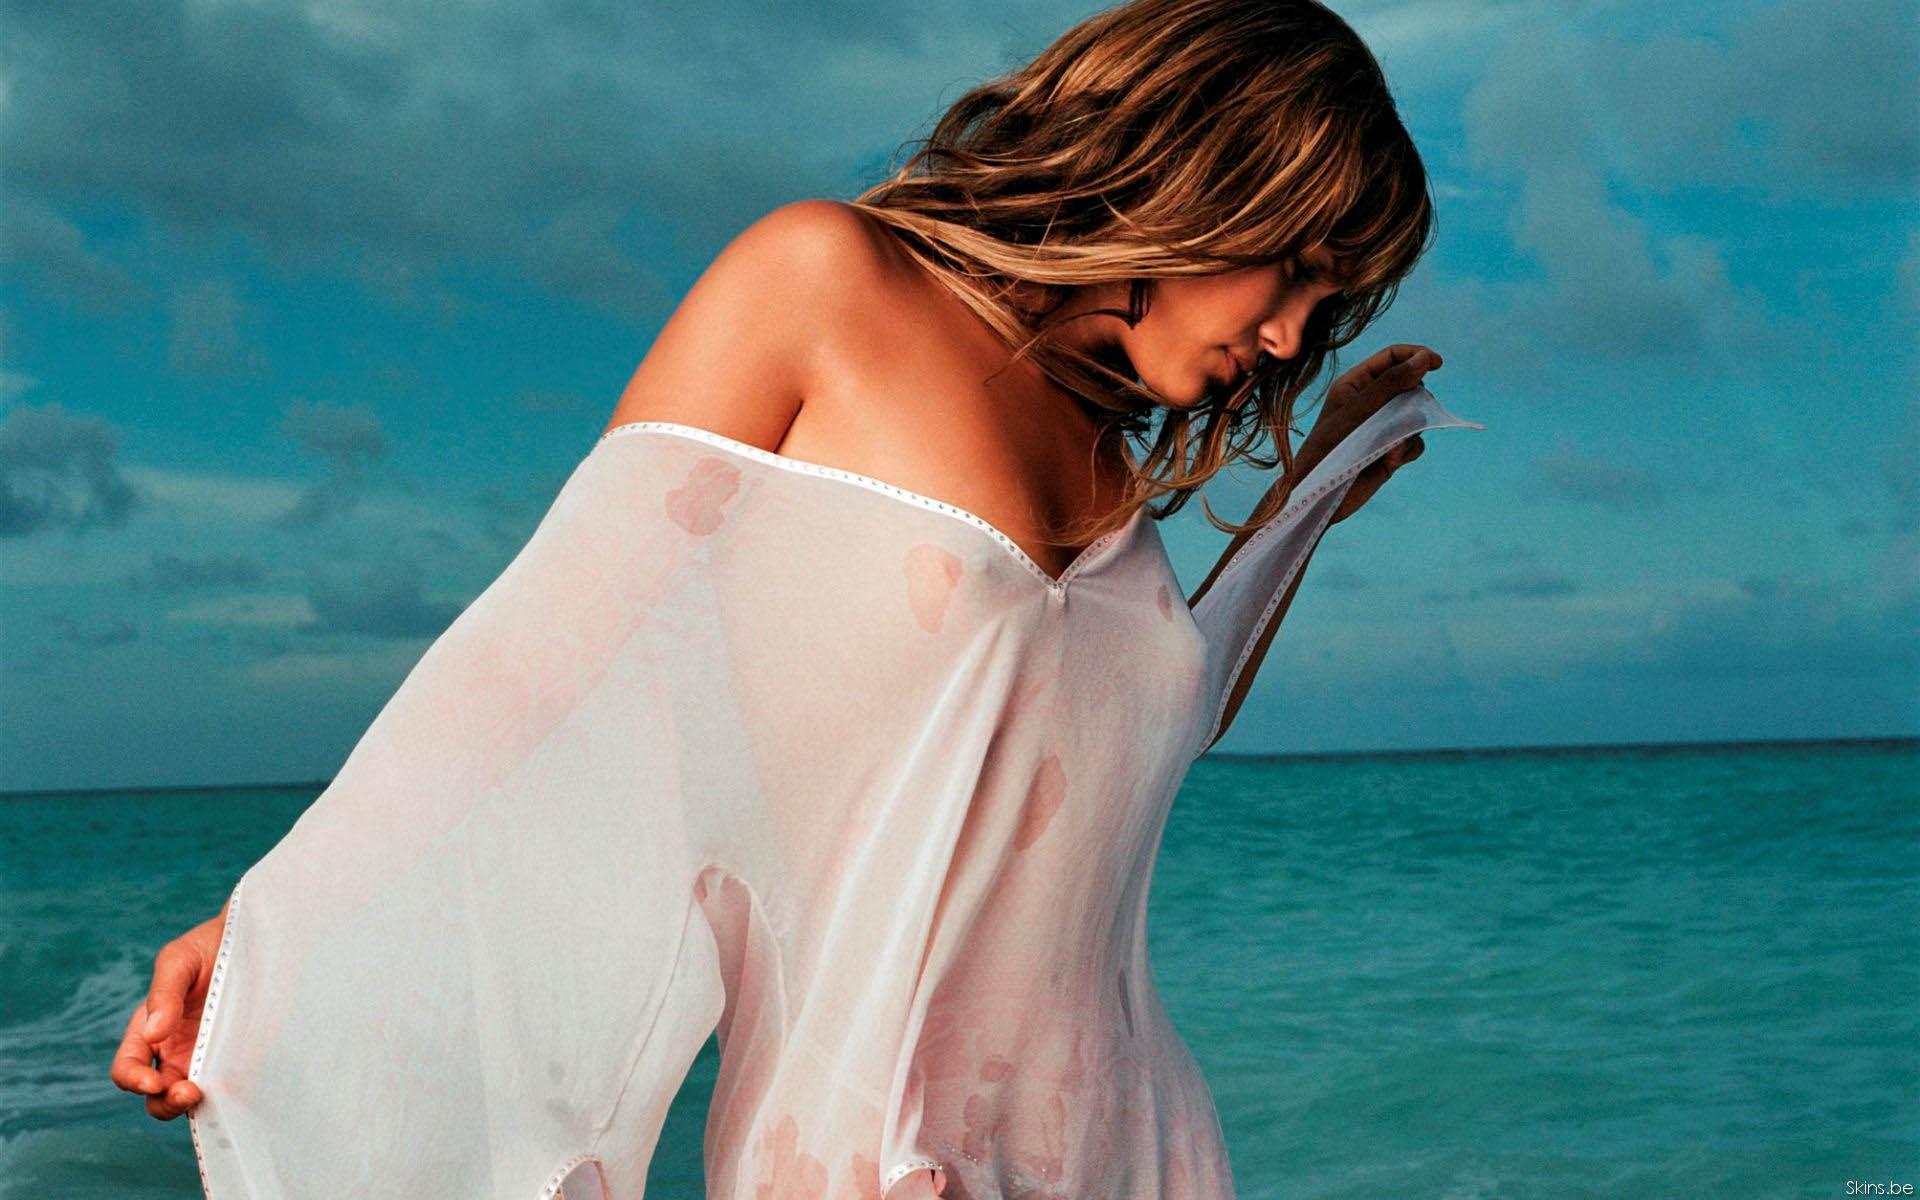 Эротичные девушки в прозрачной одежде, прозрачная одежда 22 фотография